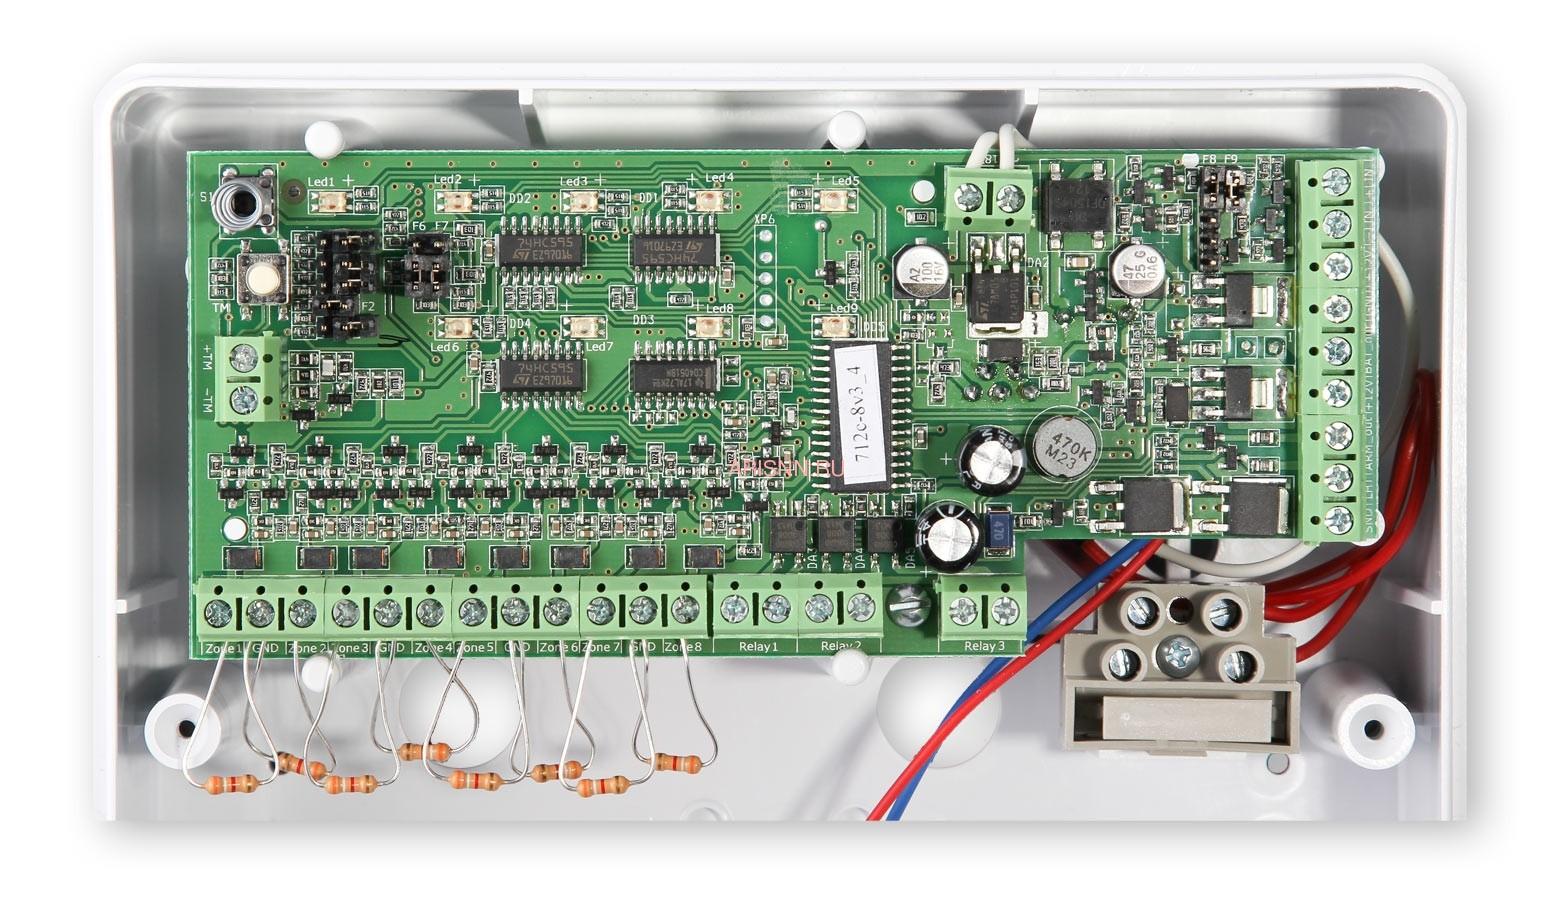 Прибор приемно-контрольный охранно-пожарный Астра-712/8 (ППКОП 01101349) - 5